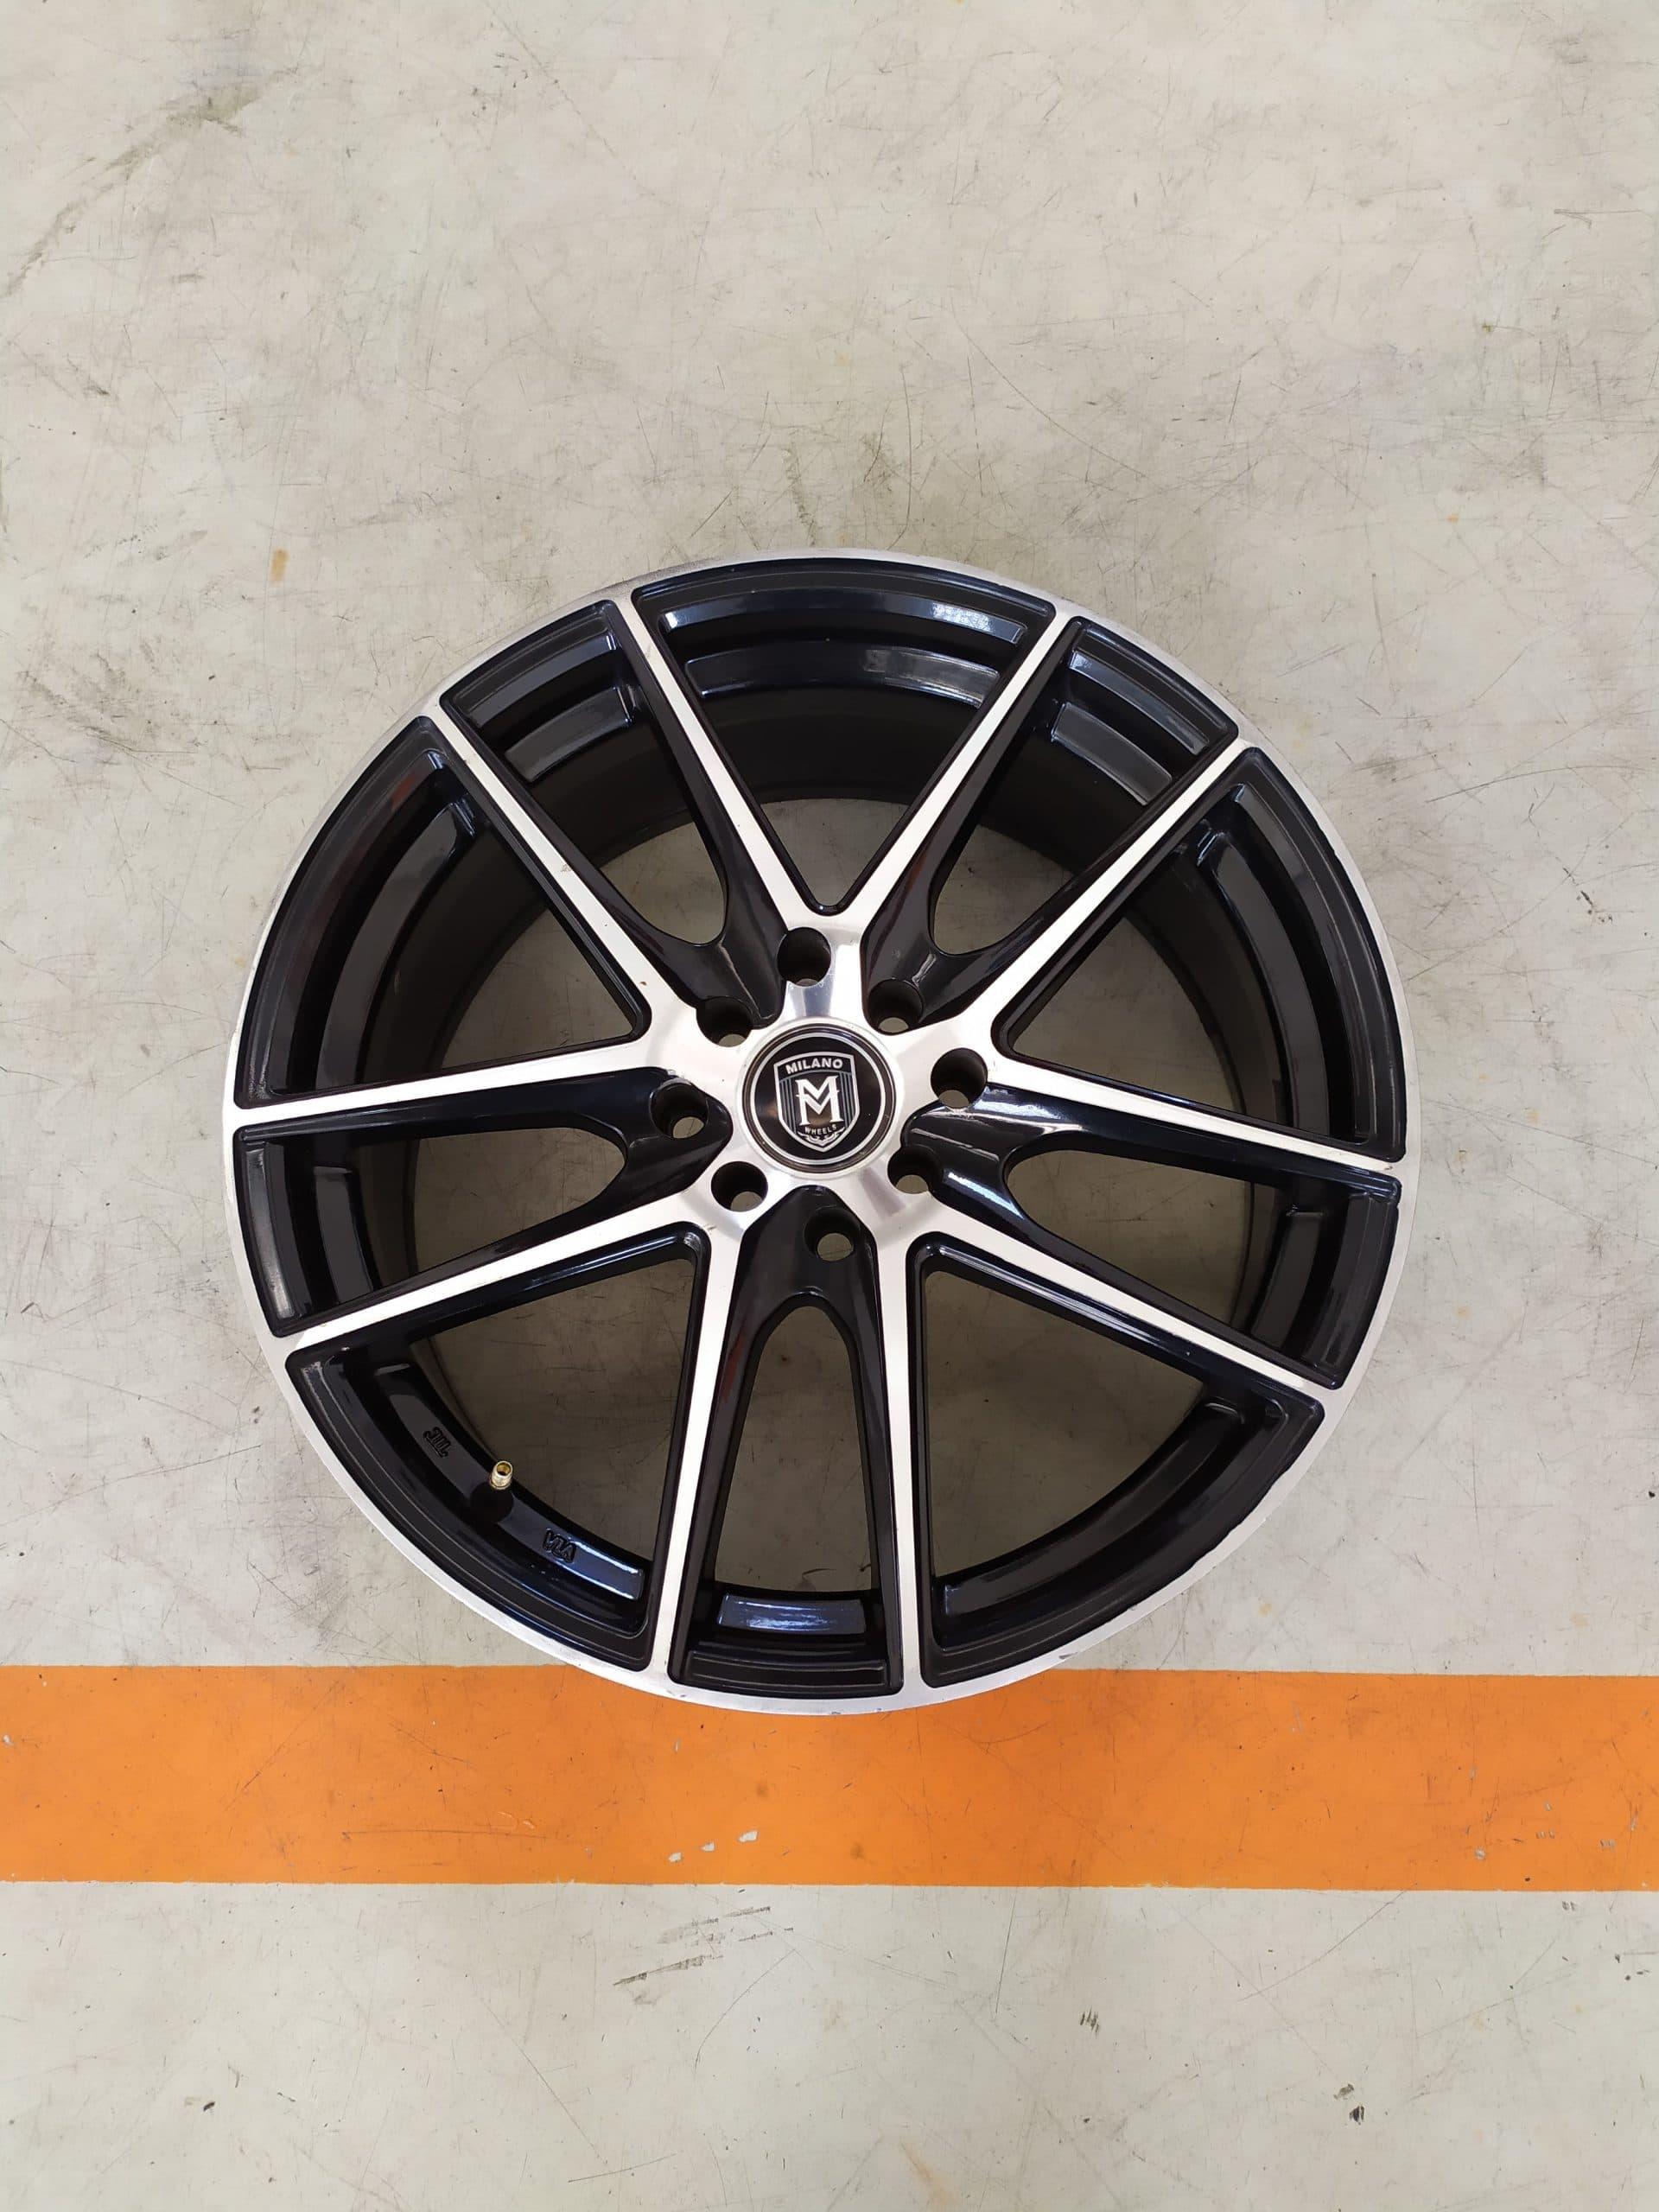 Velg Bekas Type Milano Ring 17 For Xenia,Etios,Jass S,Mazda2 dll